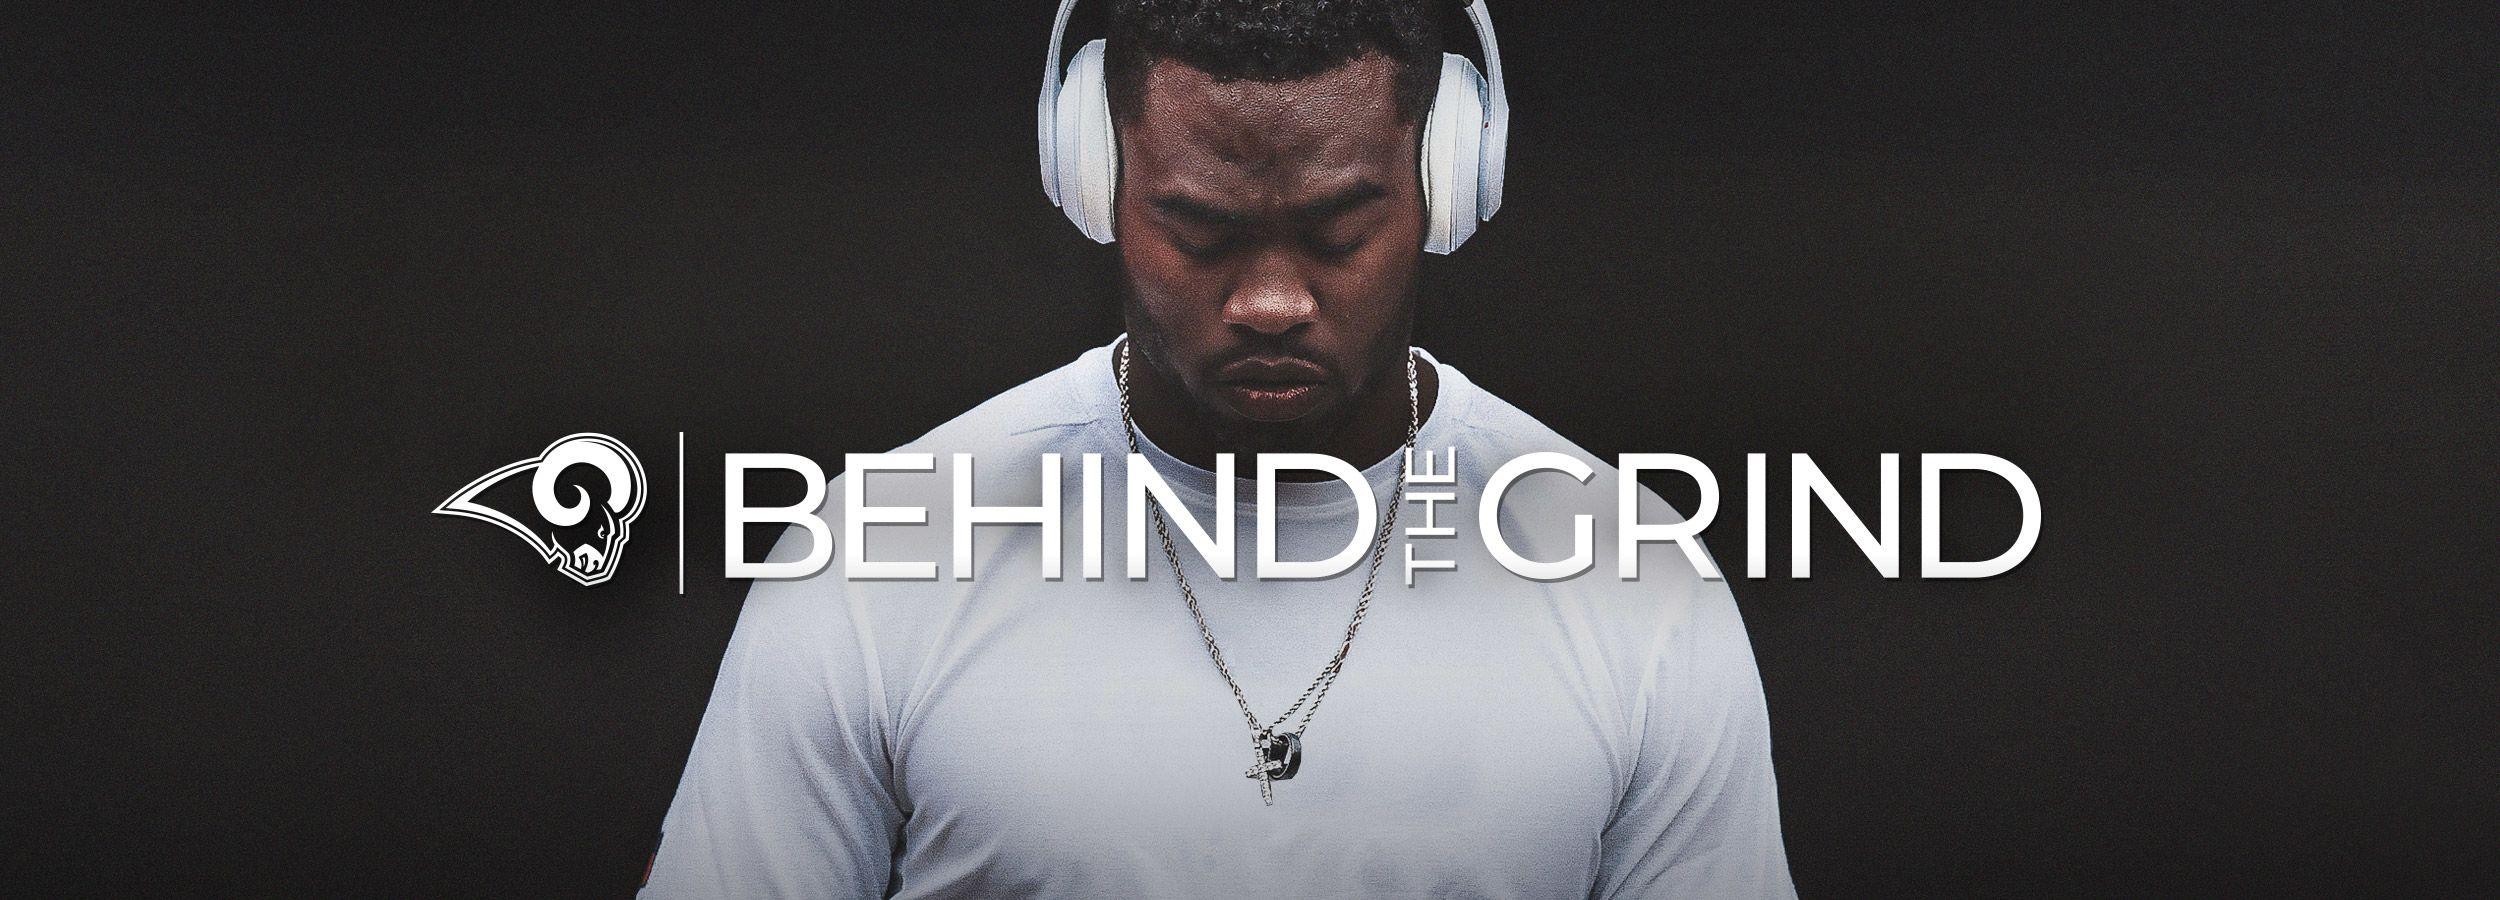 Behind_The_Grind_2500x900_v03